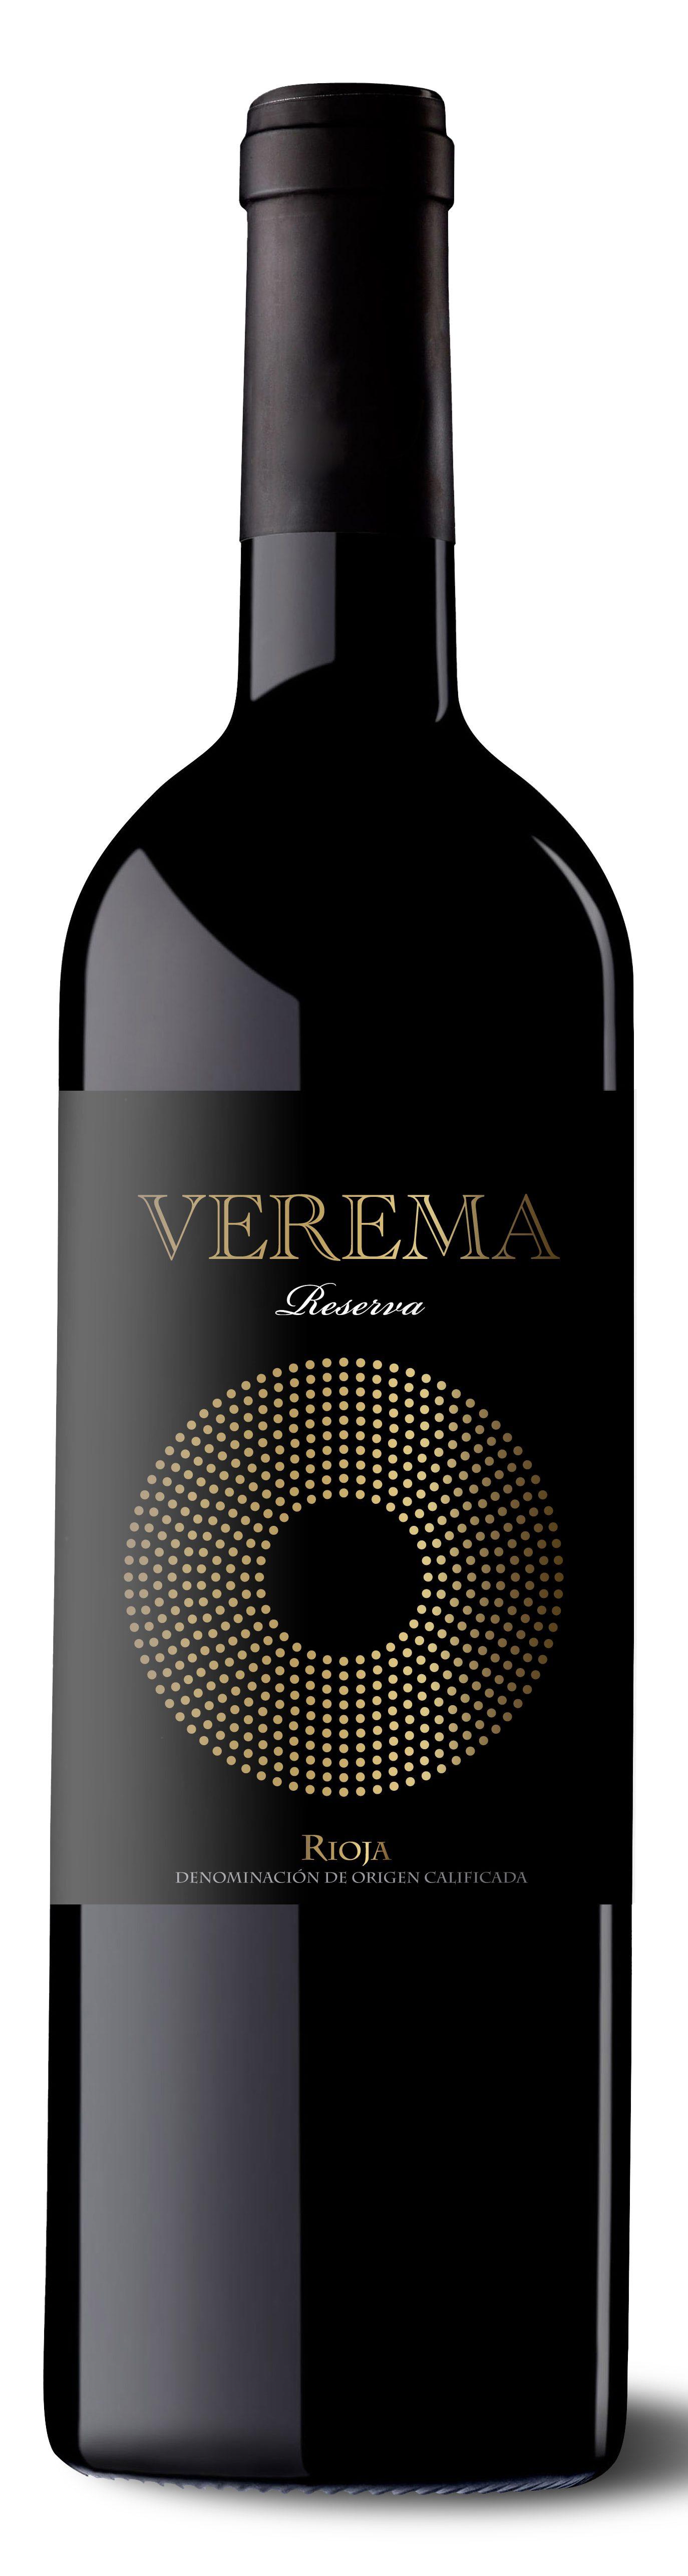 Vicente Gandia Verema Rioja Reserva